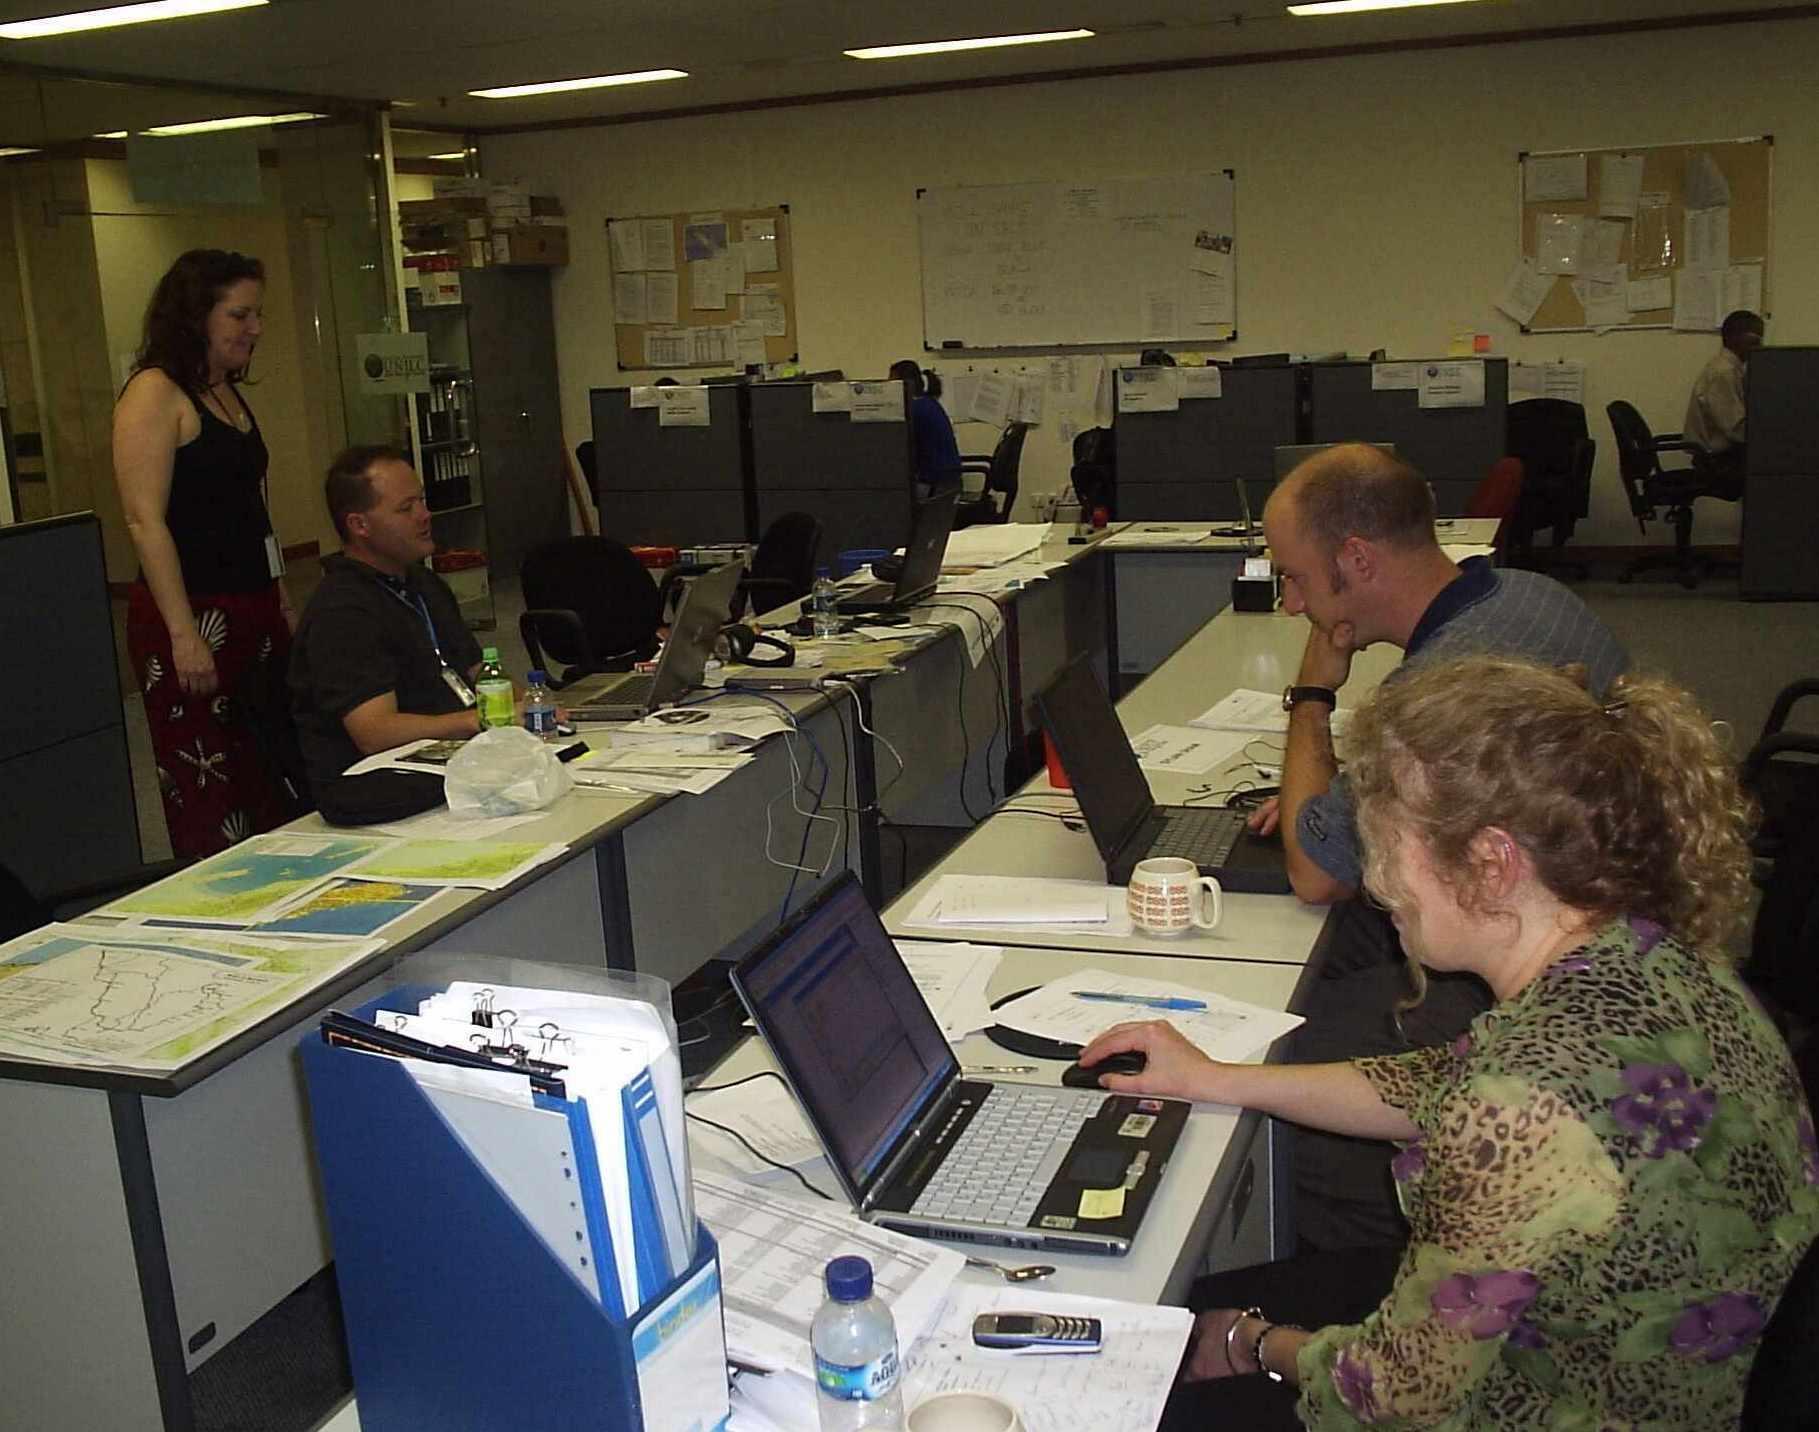 VVAF Office